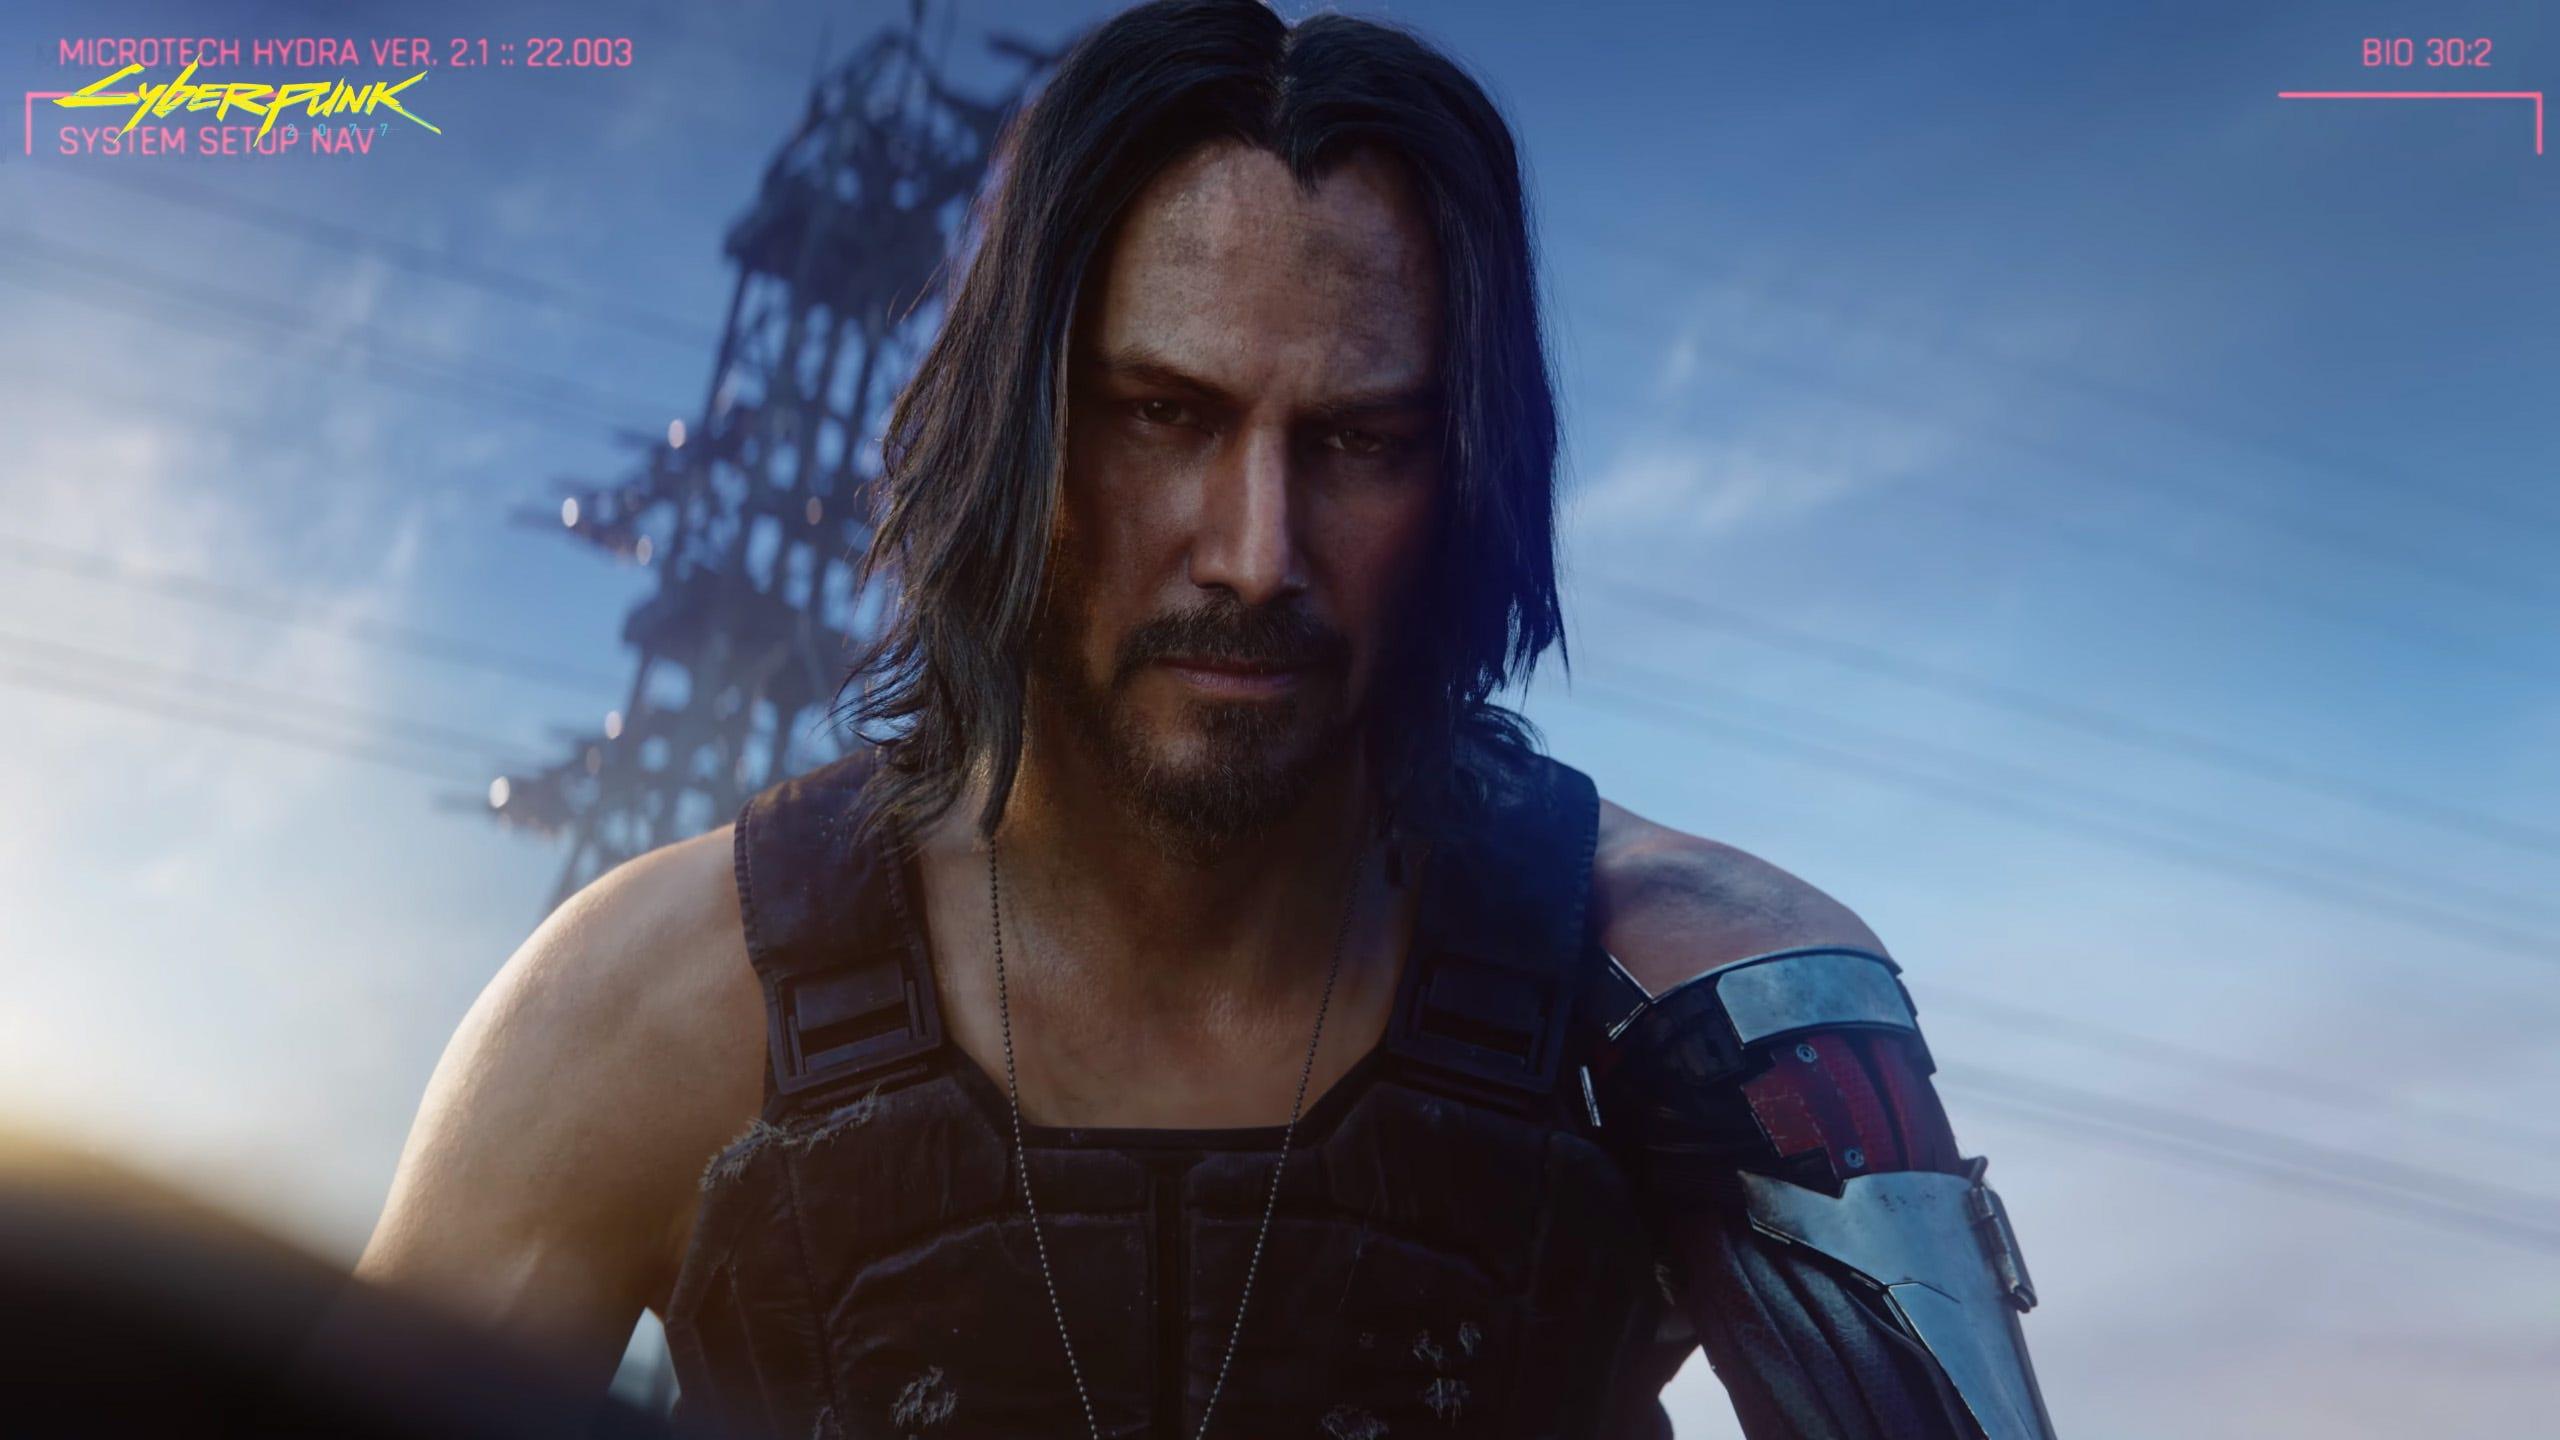 Keanu Reeves as Johnny Silverhand